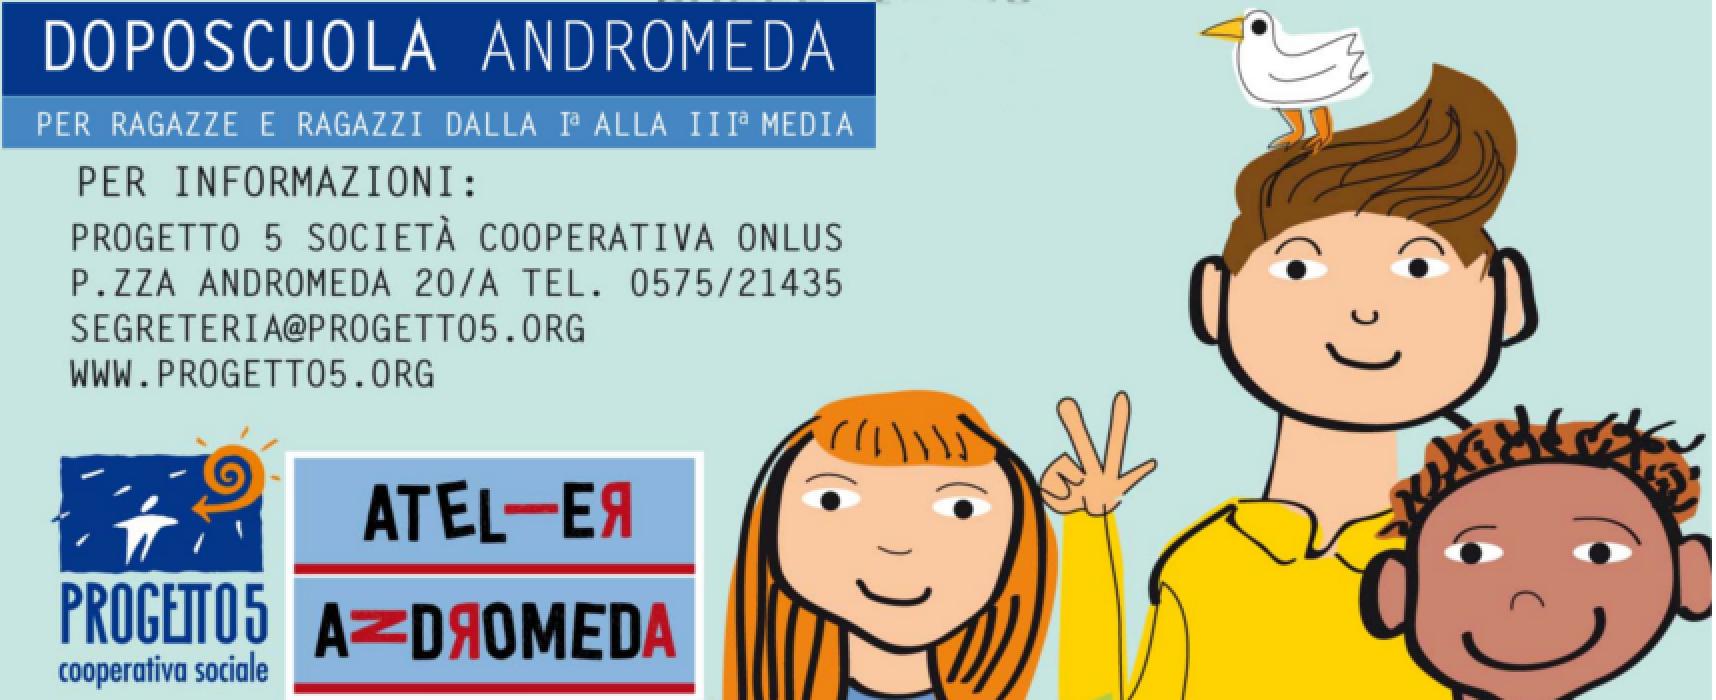 Doposcuola Andromeda per i ragazzi delle scuole medie